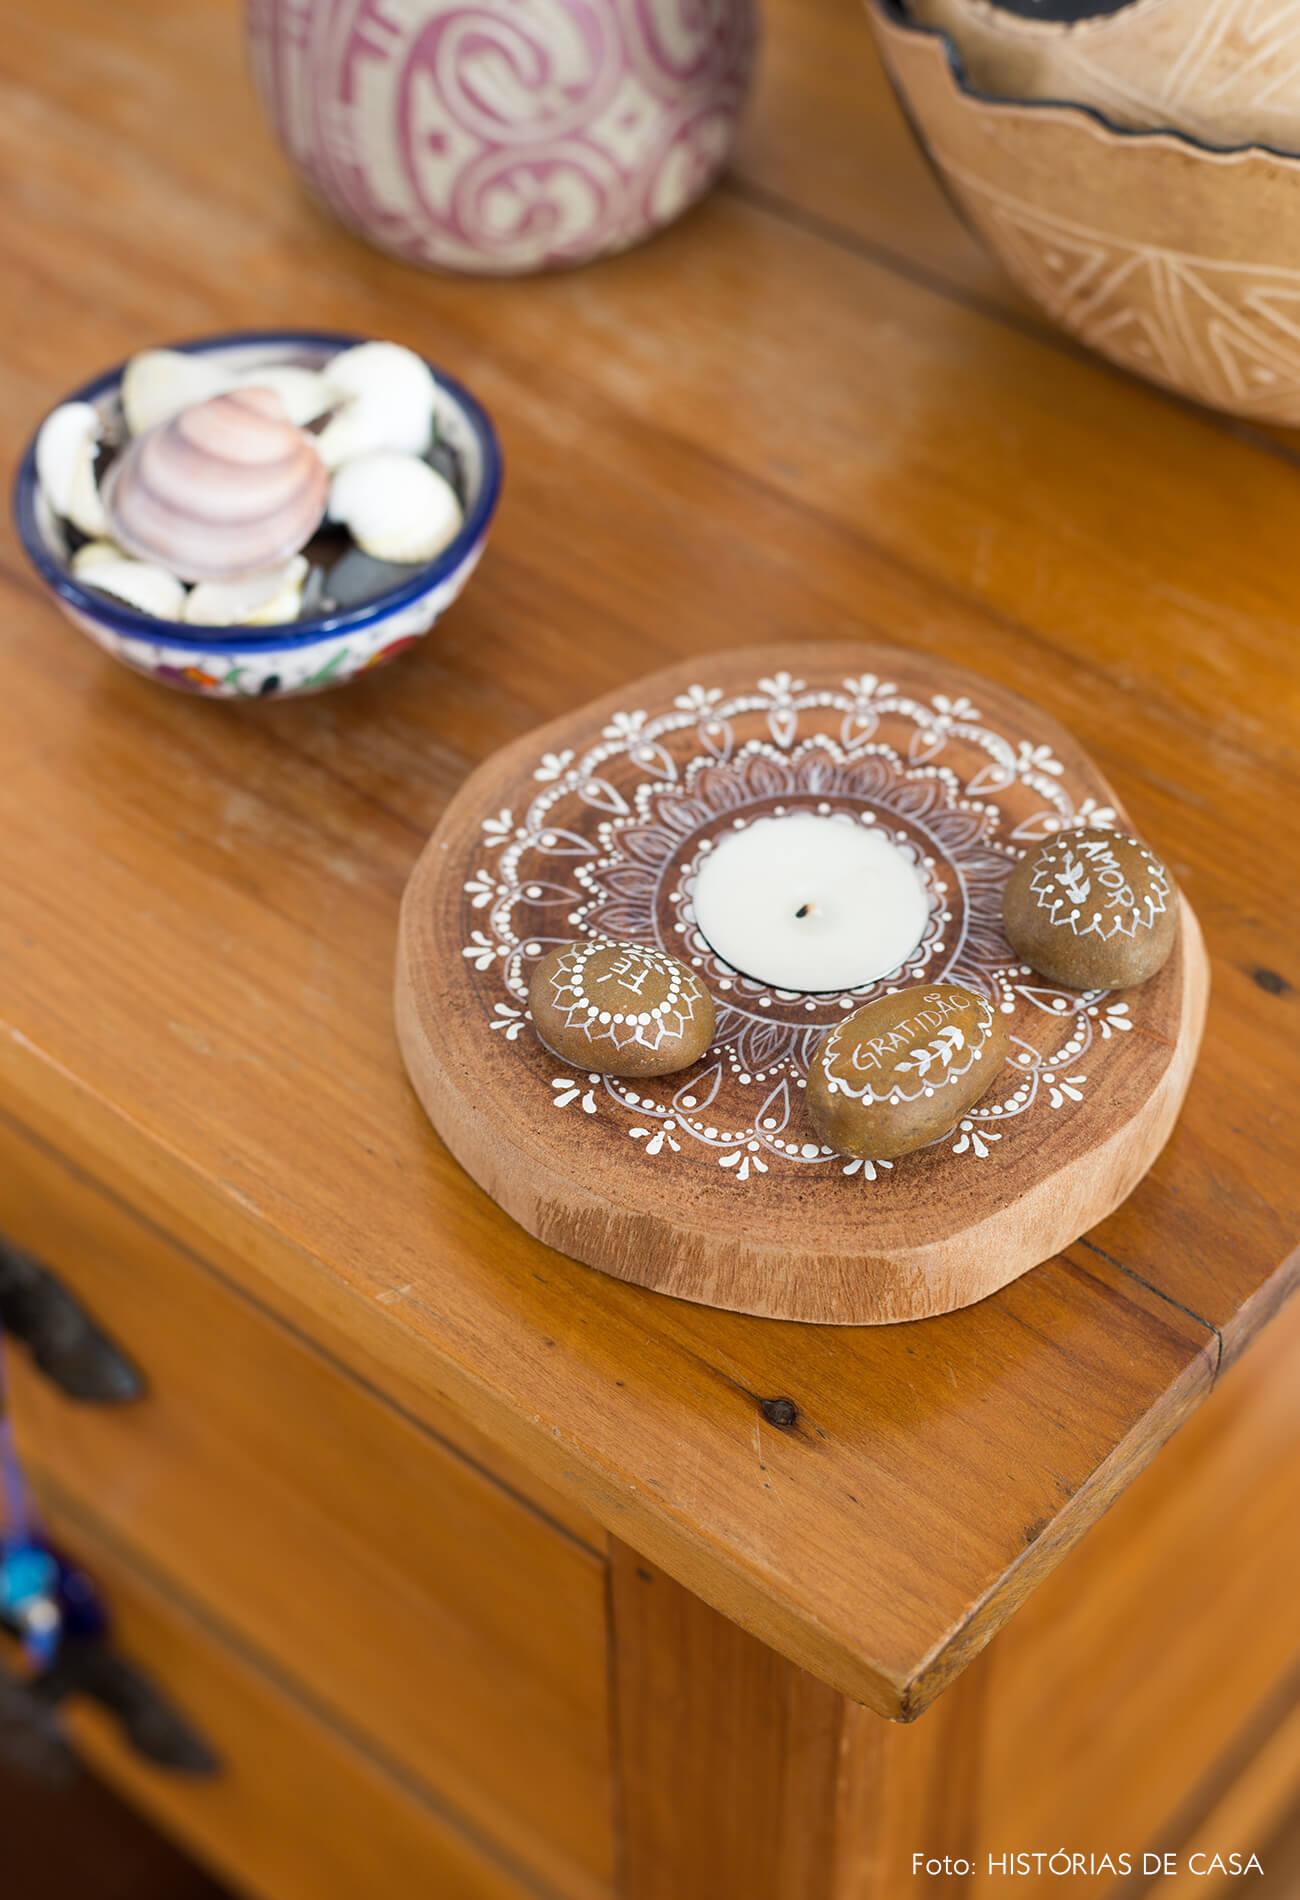 decoração detalhes de objetos de cerâmica em mesa de madeira